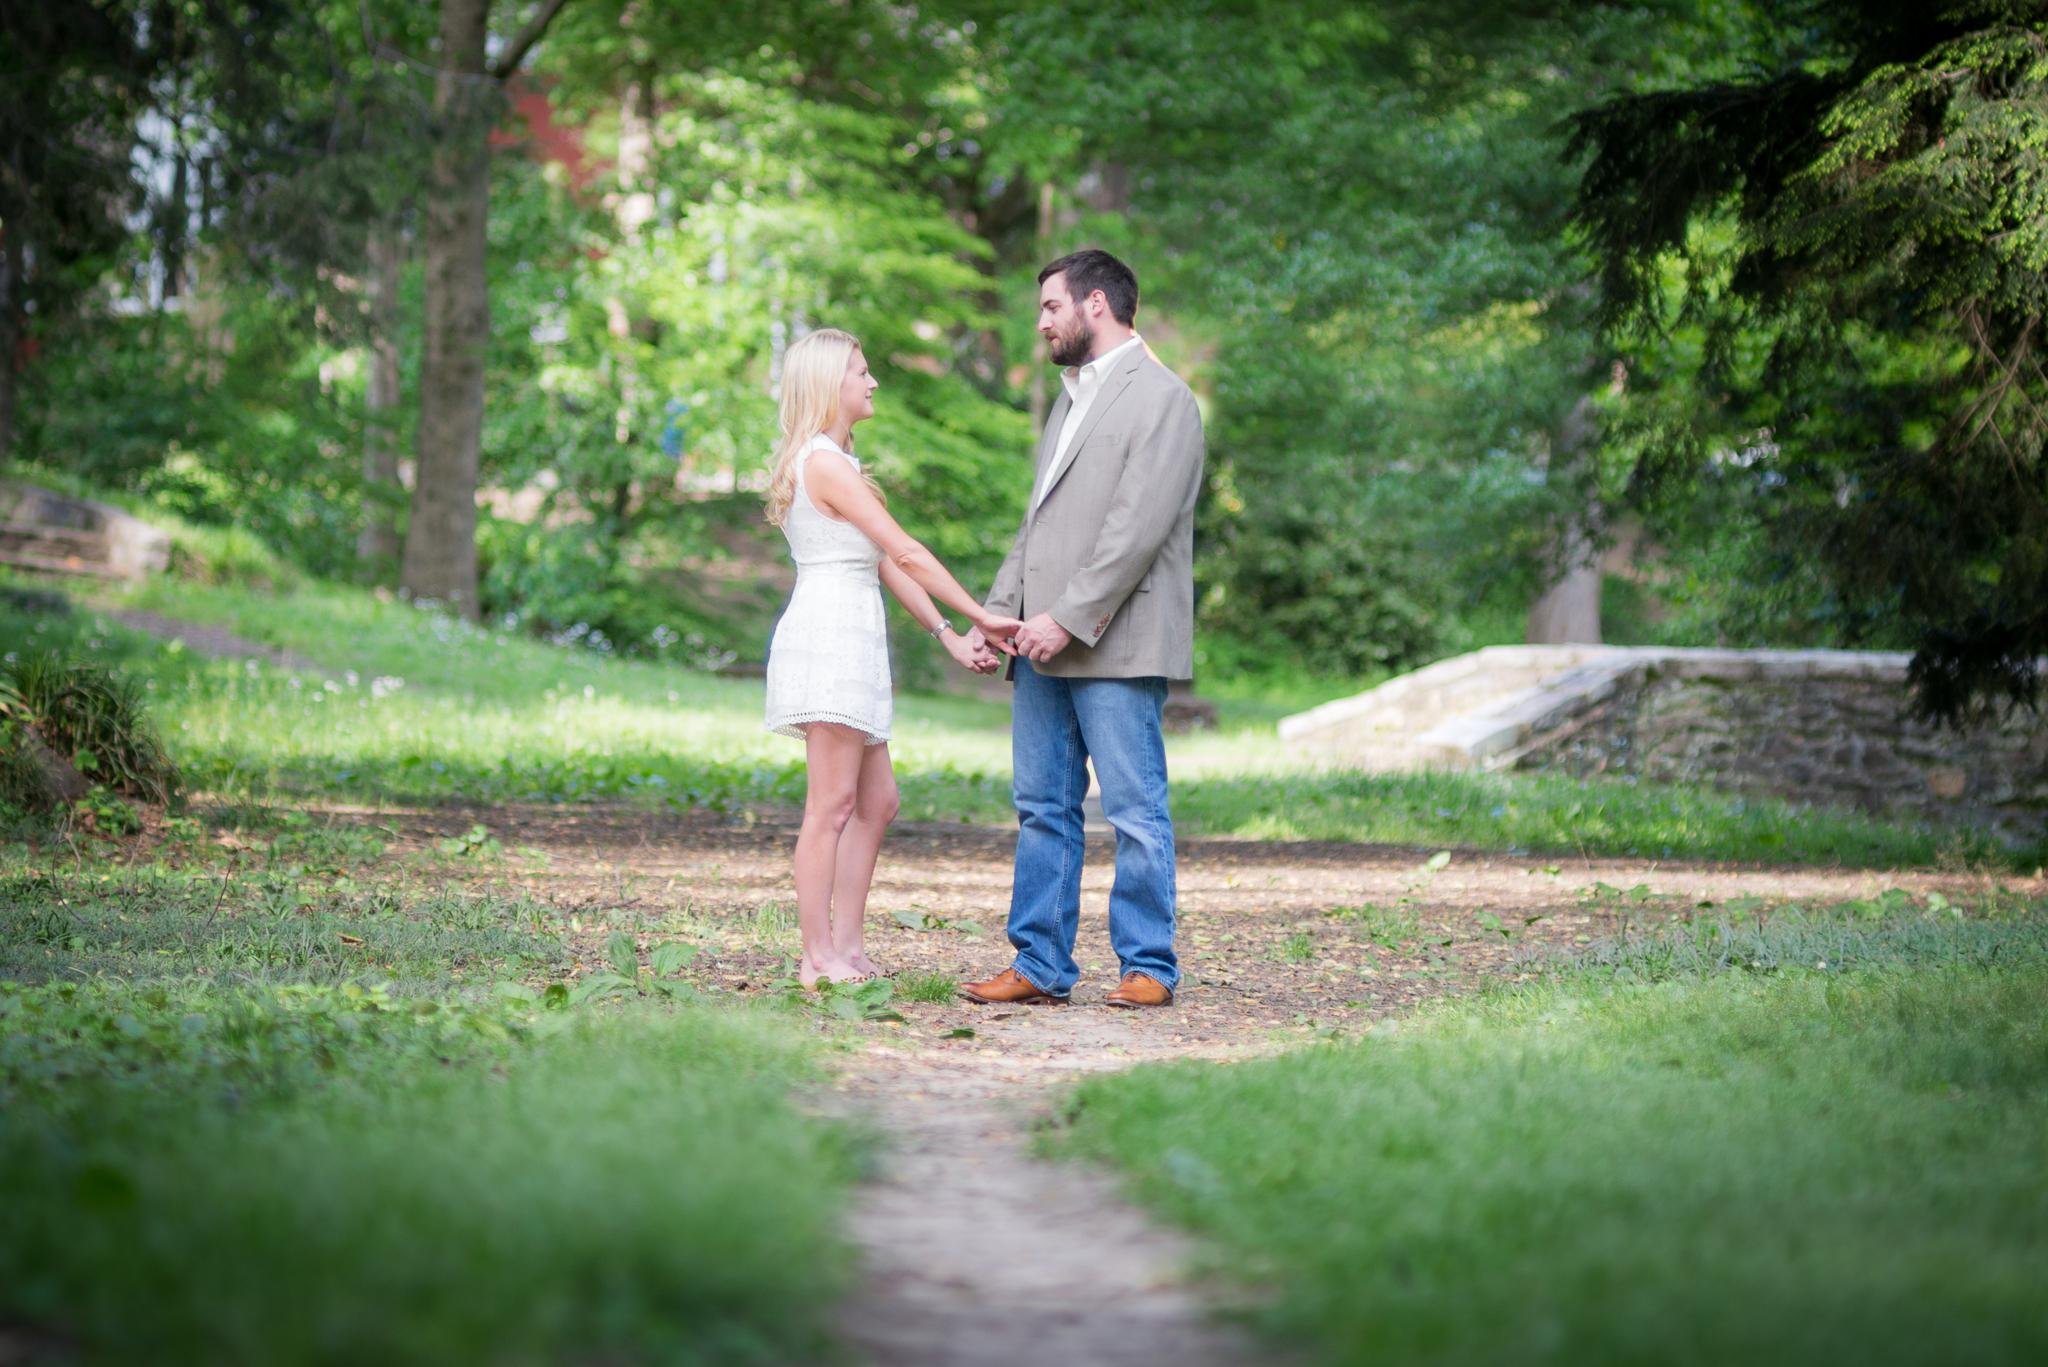 MorganKaty_engagement_wedding_iwally-3.jpg